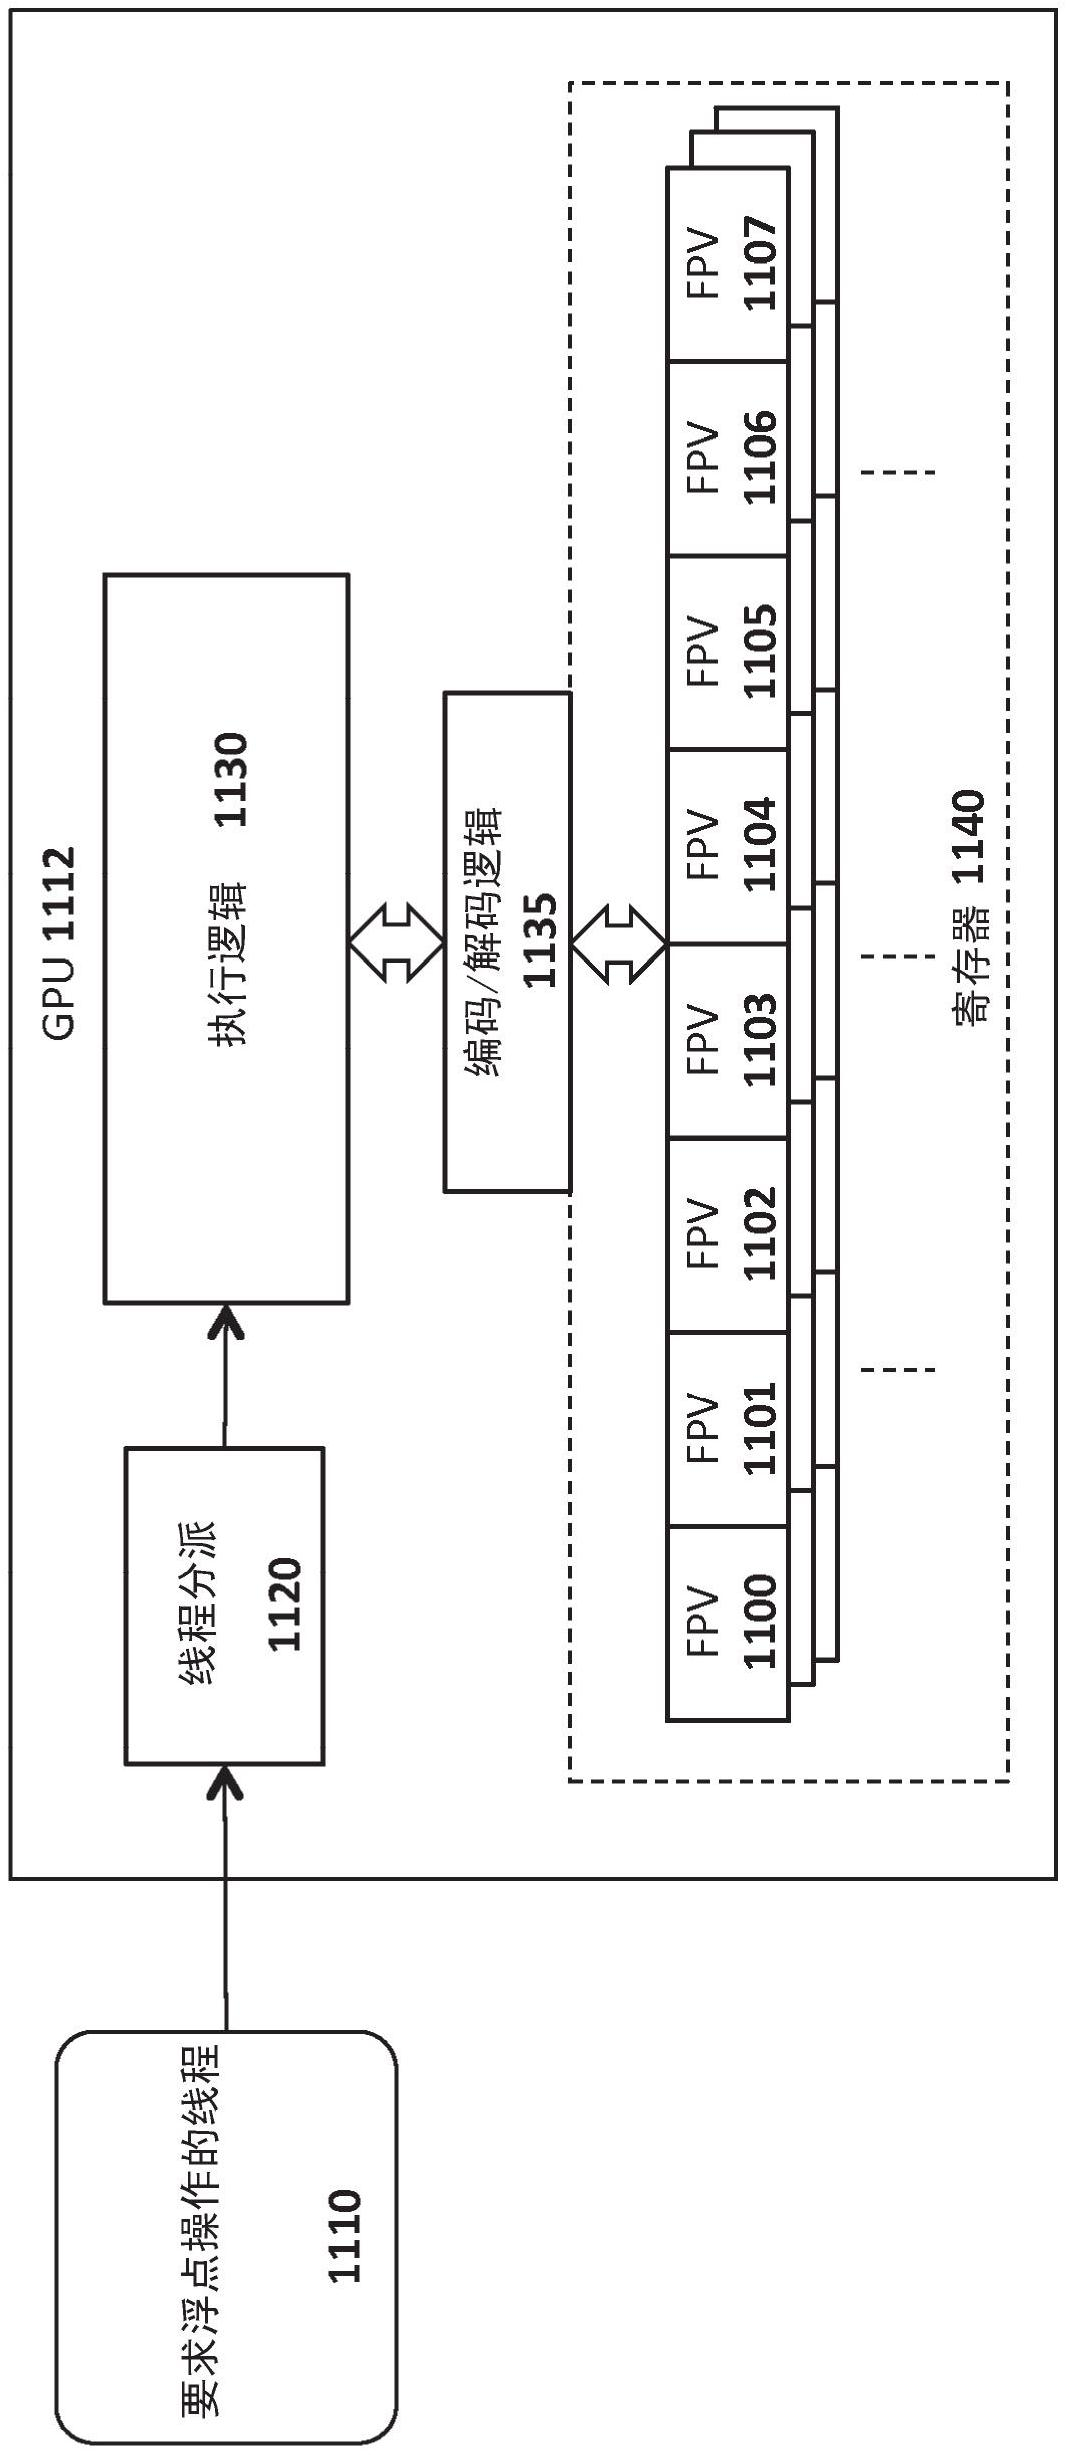 用于在处理浮点值时实现功率节省技术的装置与方法